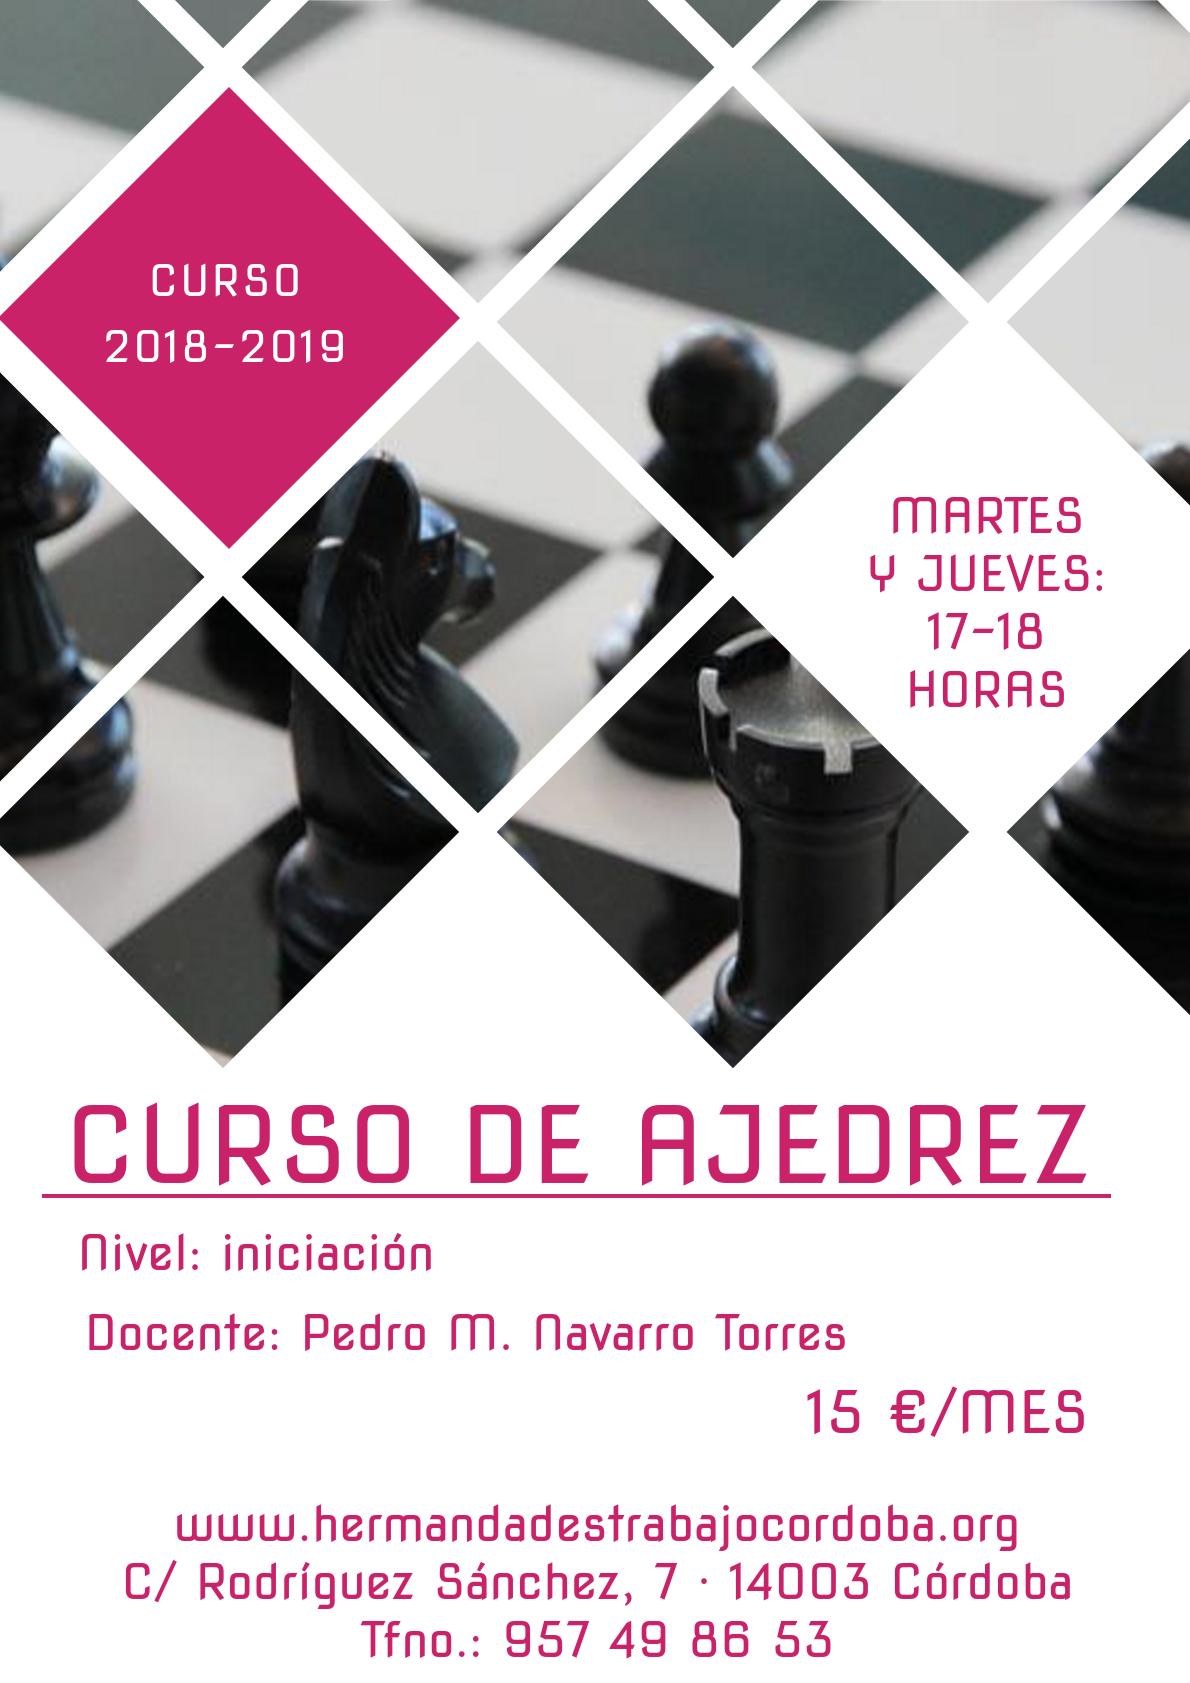 Curso de ajedrez